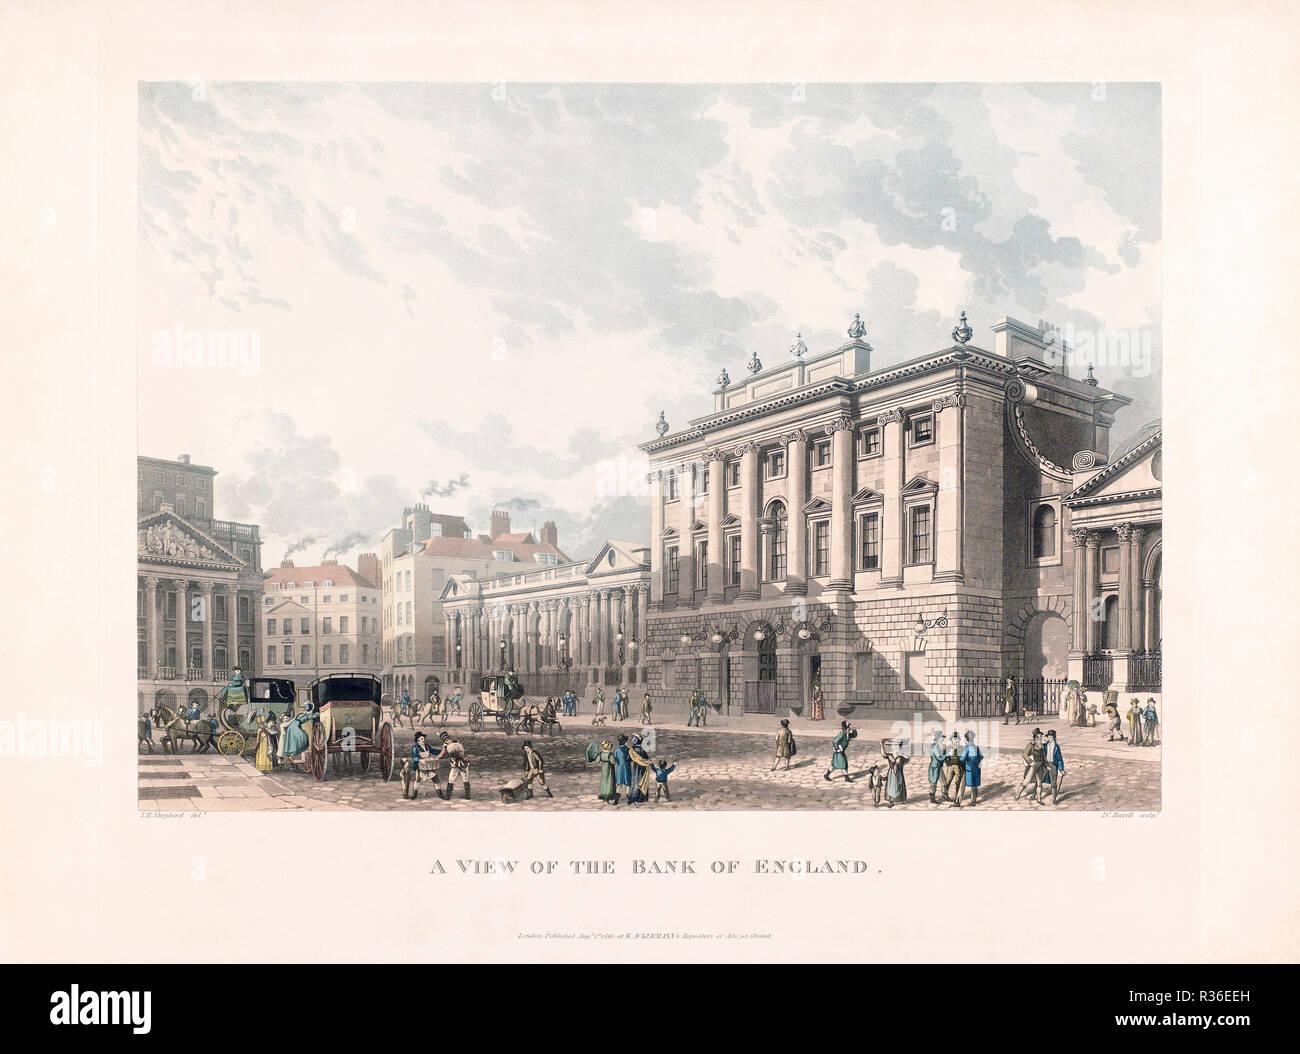 Una vista della Bank of England, Londra, all'inizio del XIX secolo. Da una incisione di Daniel Havell datata 1816, dopo Thomas Homer Pastore Immagini Stock